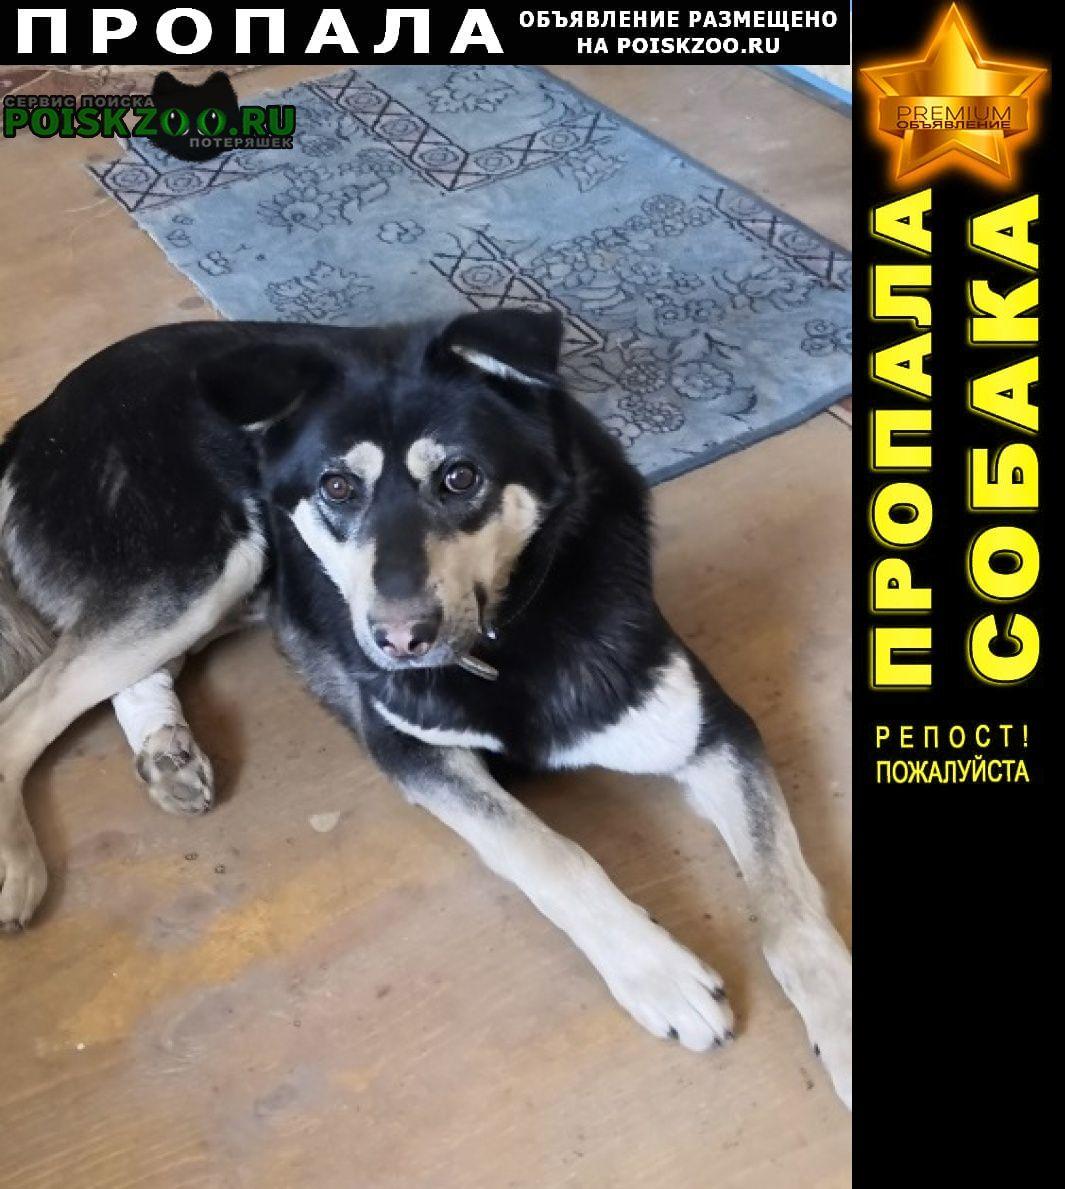 Пропала собака кобель. Хабаровск